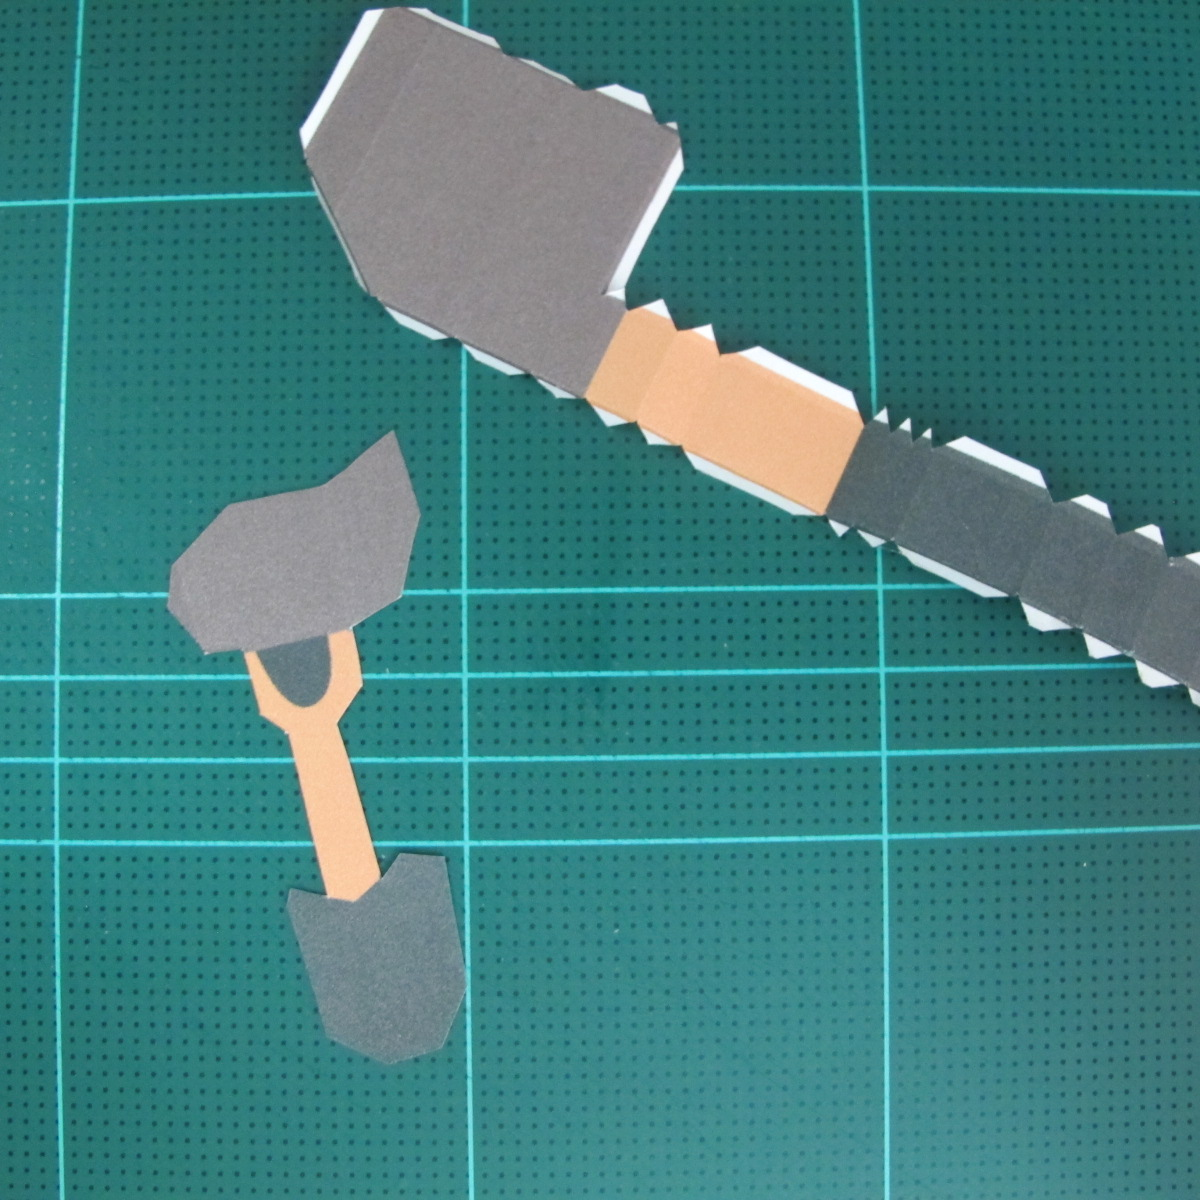 วิธีทำโมเดลกระดาษ ตุ้กตาไลน์ หมีบราวน์ ถือพลั่ว (Line Brown Bear With Shovel Papercraft Model -「シャベル」と「ブラウン」) 011